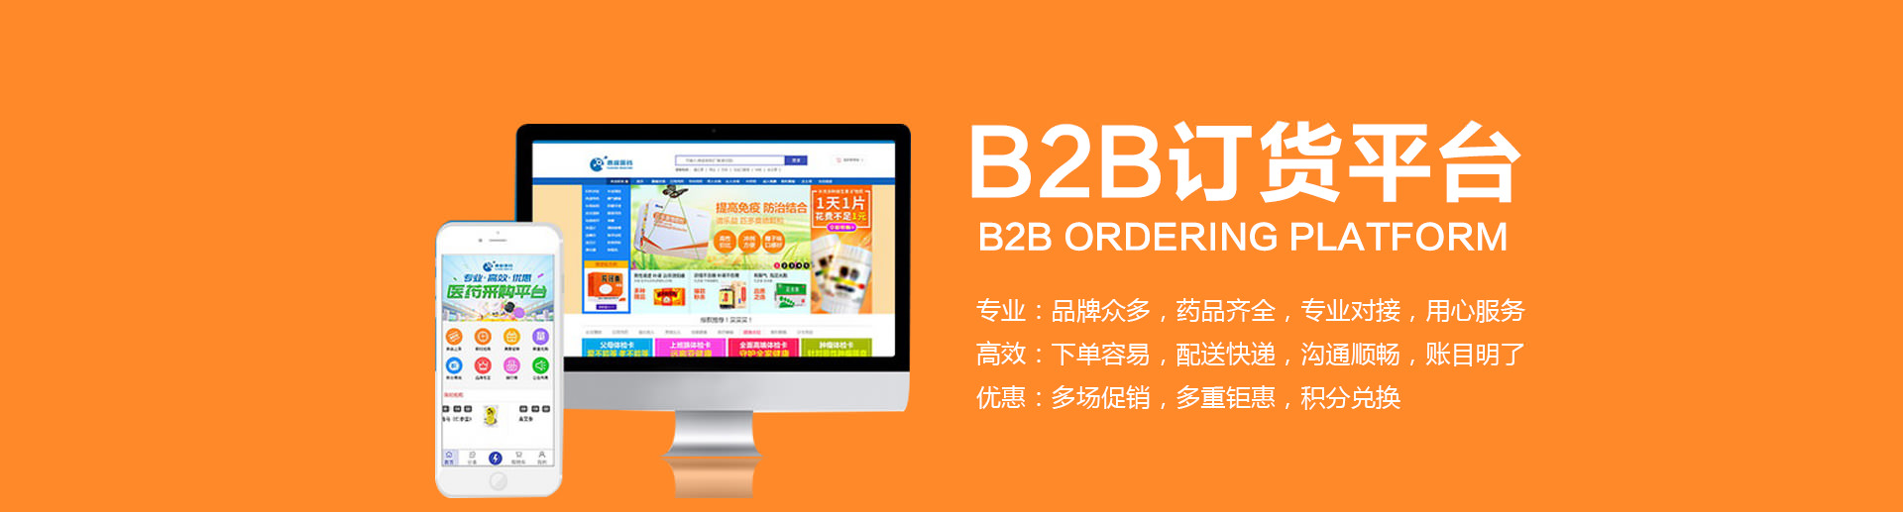 乐虎国际66订货平台